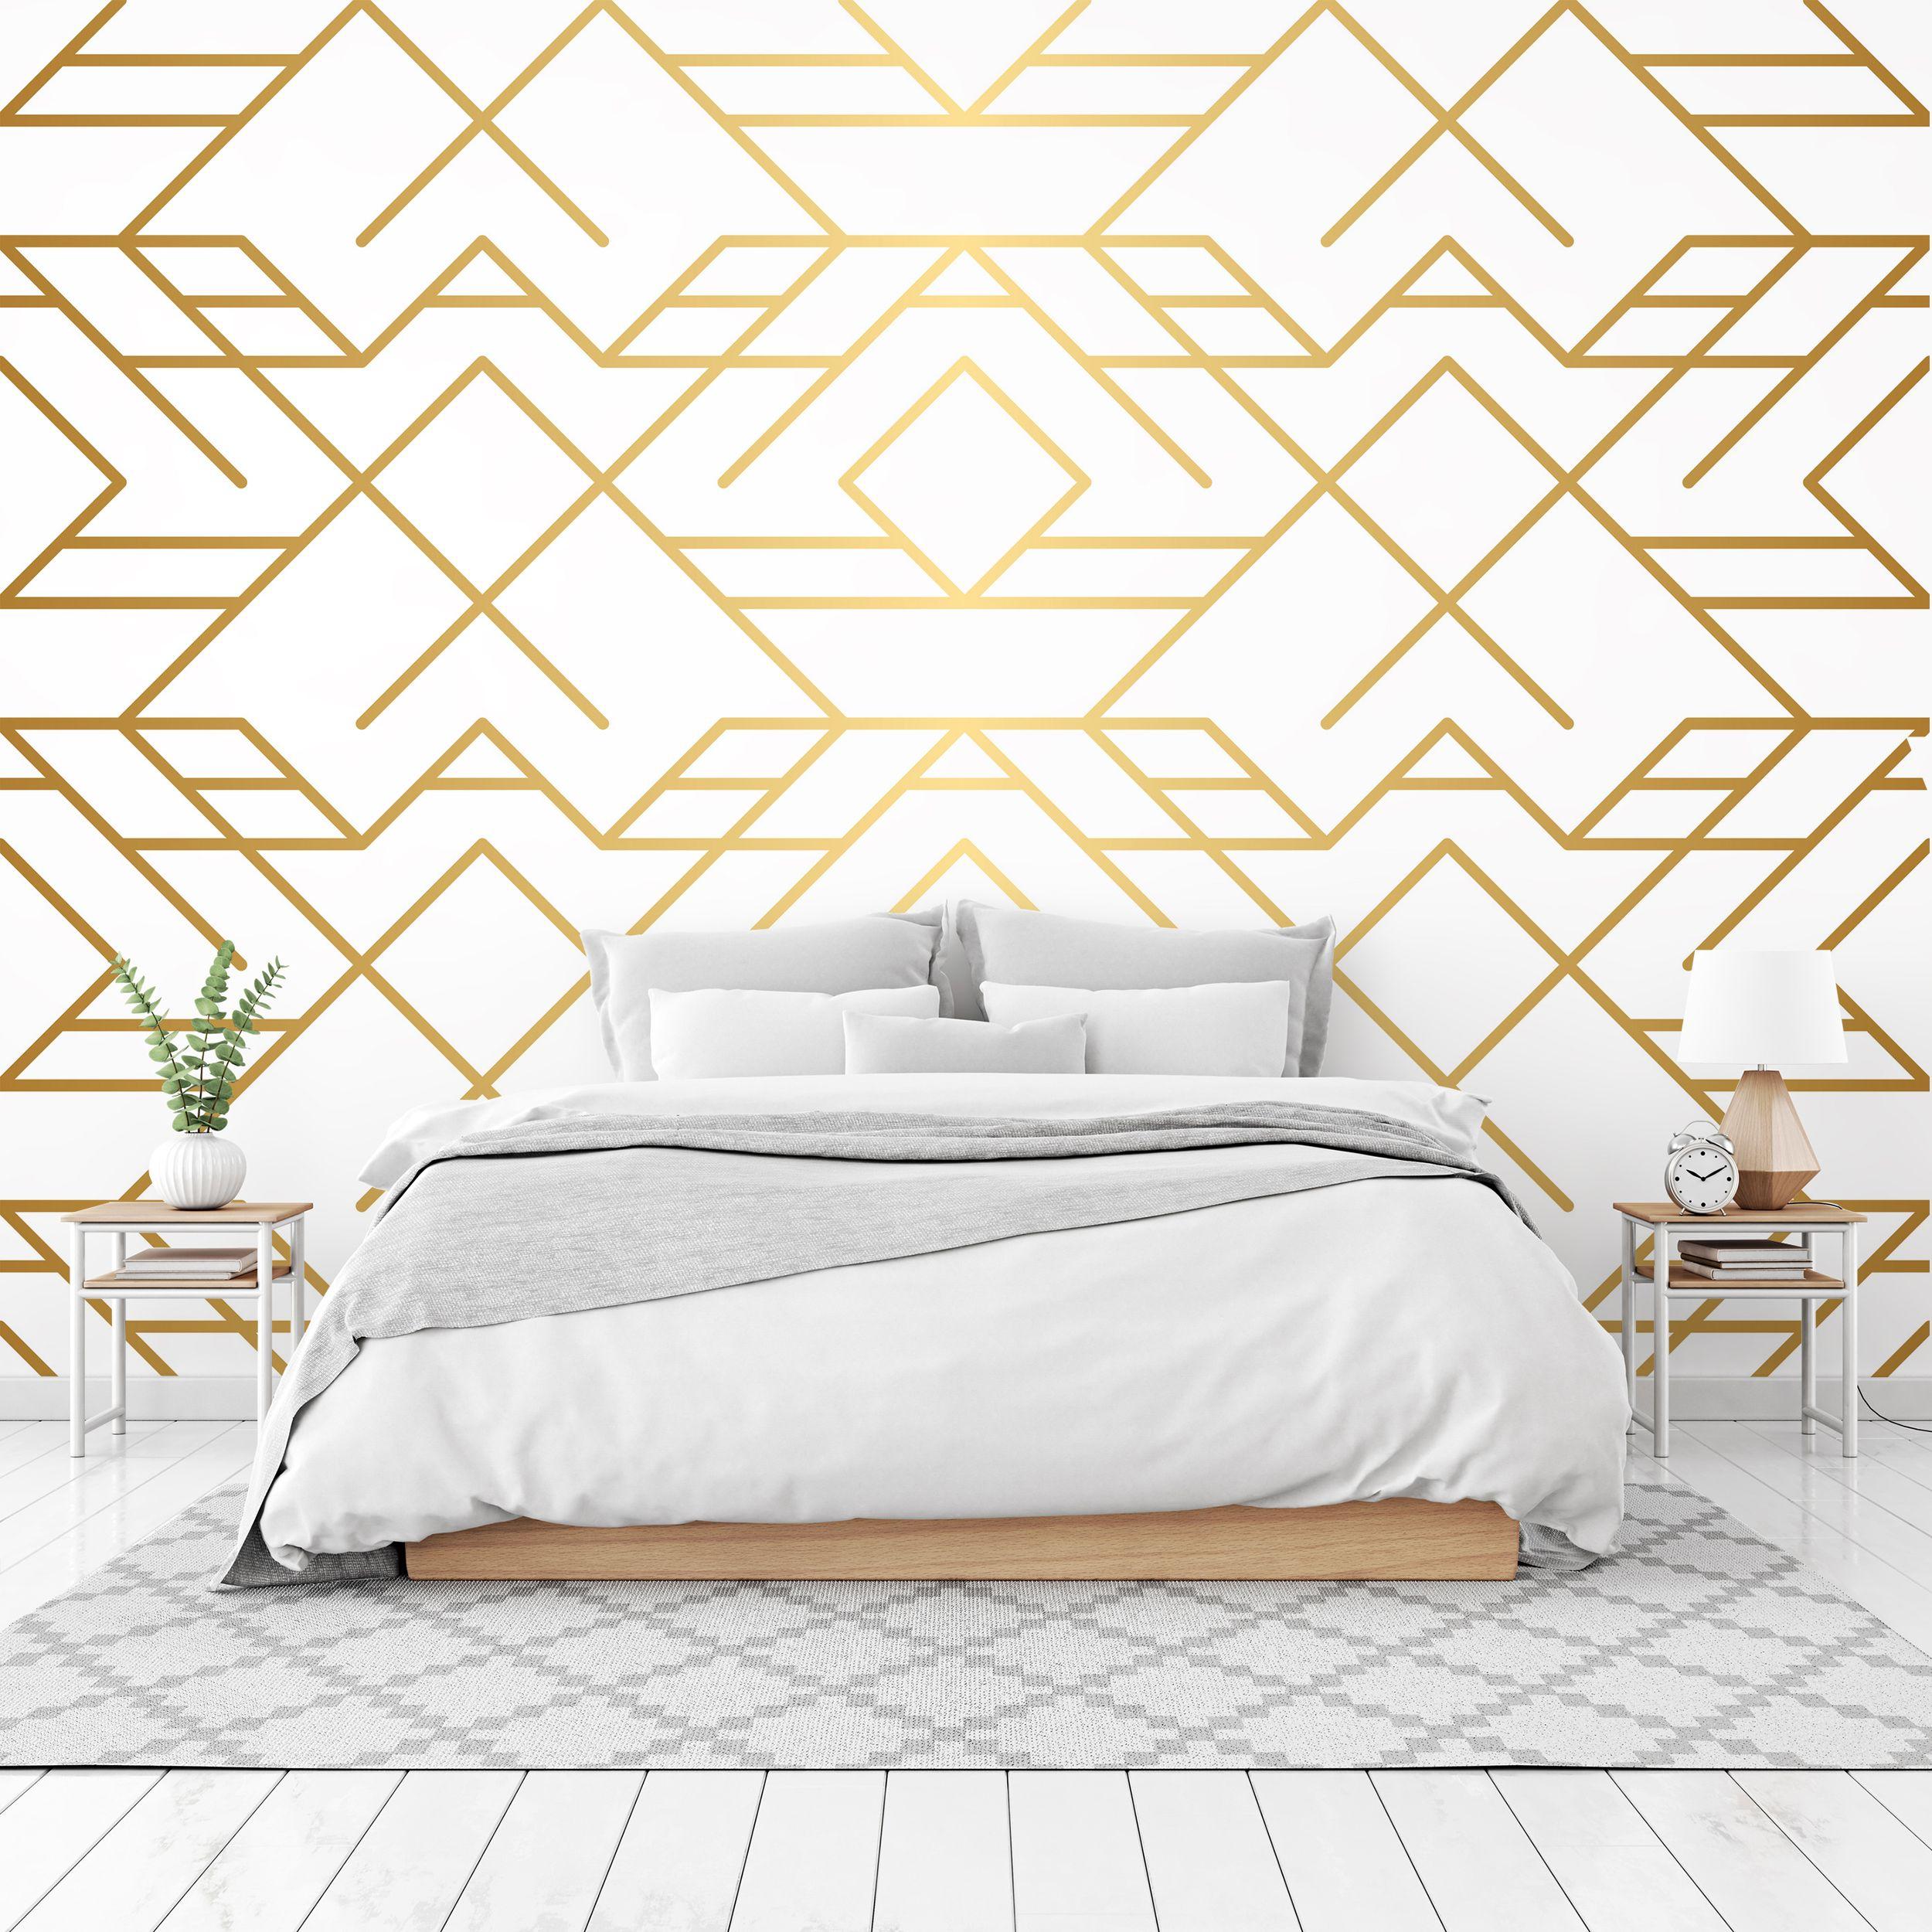 Wall mural Golden texture. seamless geometric pattern